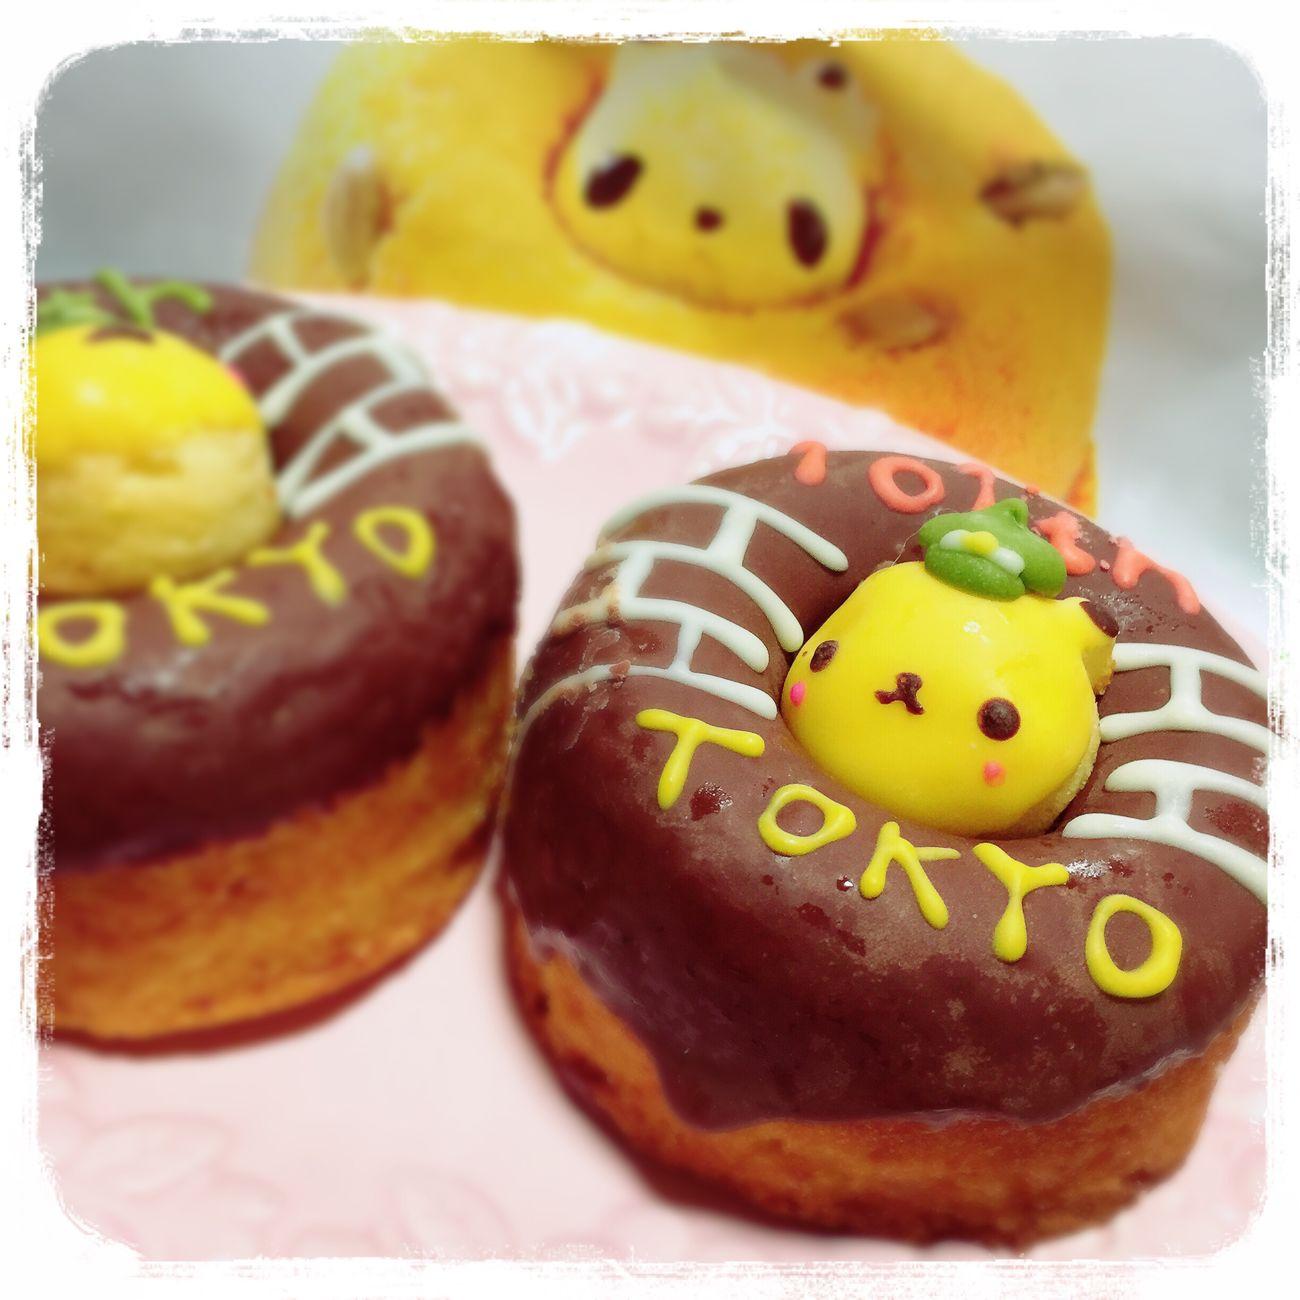 Donuts Donuts🍩 Donut Tokyo 東京駅 おみやげ お土産 東京土産 シレトコドーナツ ドーナツ